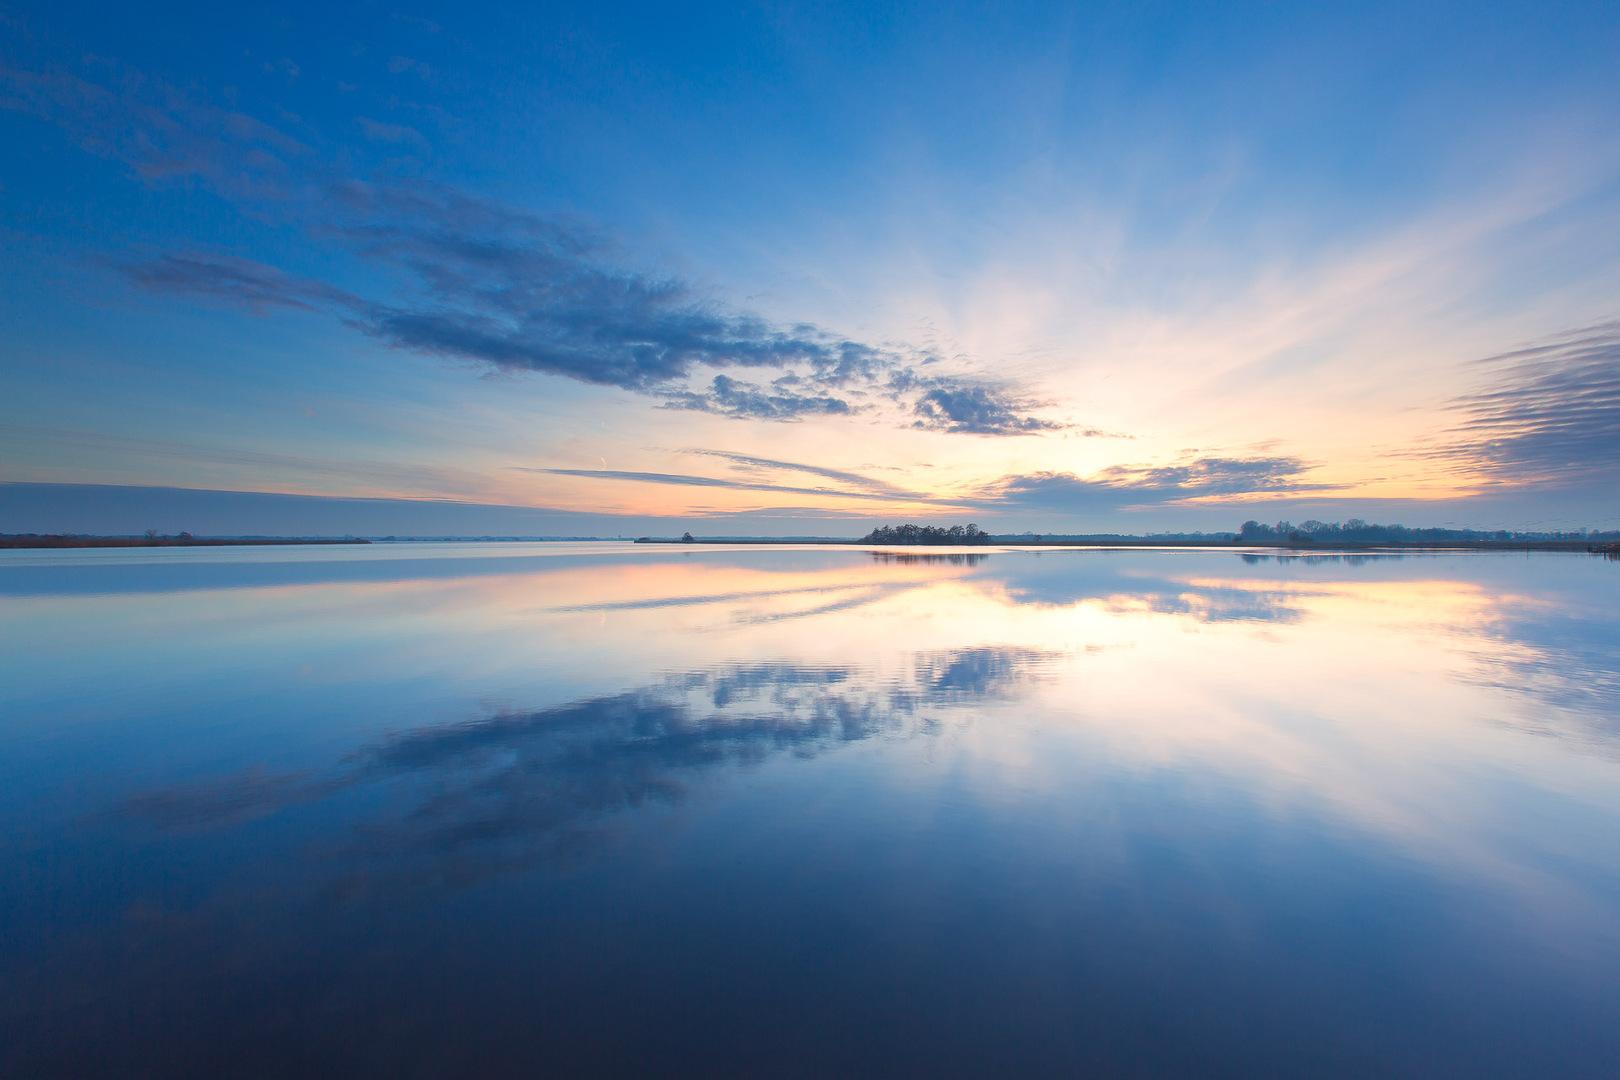 Landschapsfotograaf - Een kalme en windstille zonsondergang boven het Leekstermeer - Bas Meelker Landschapsfotografie